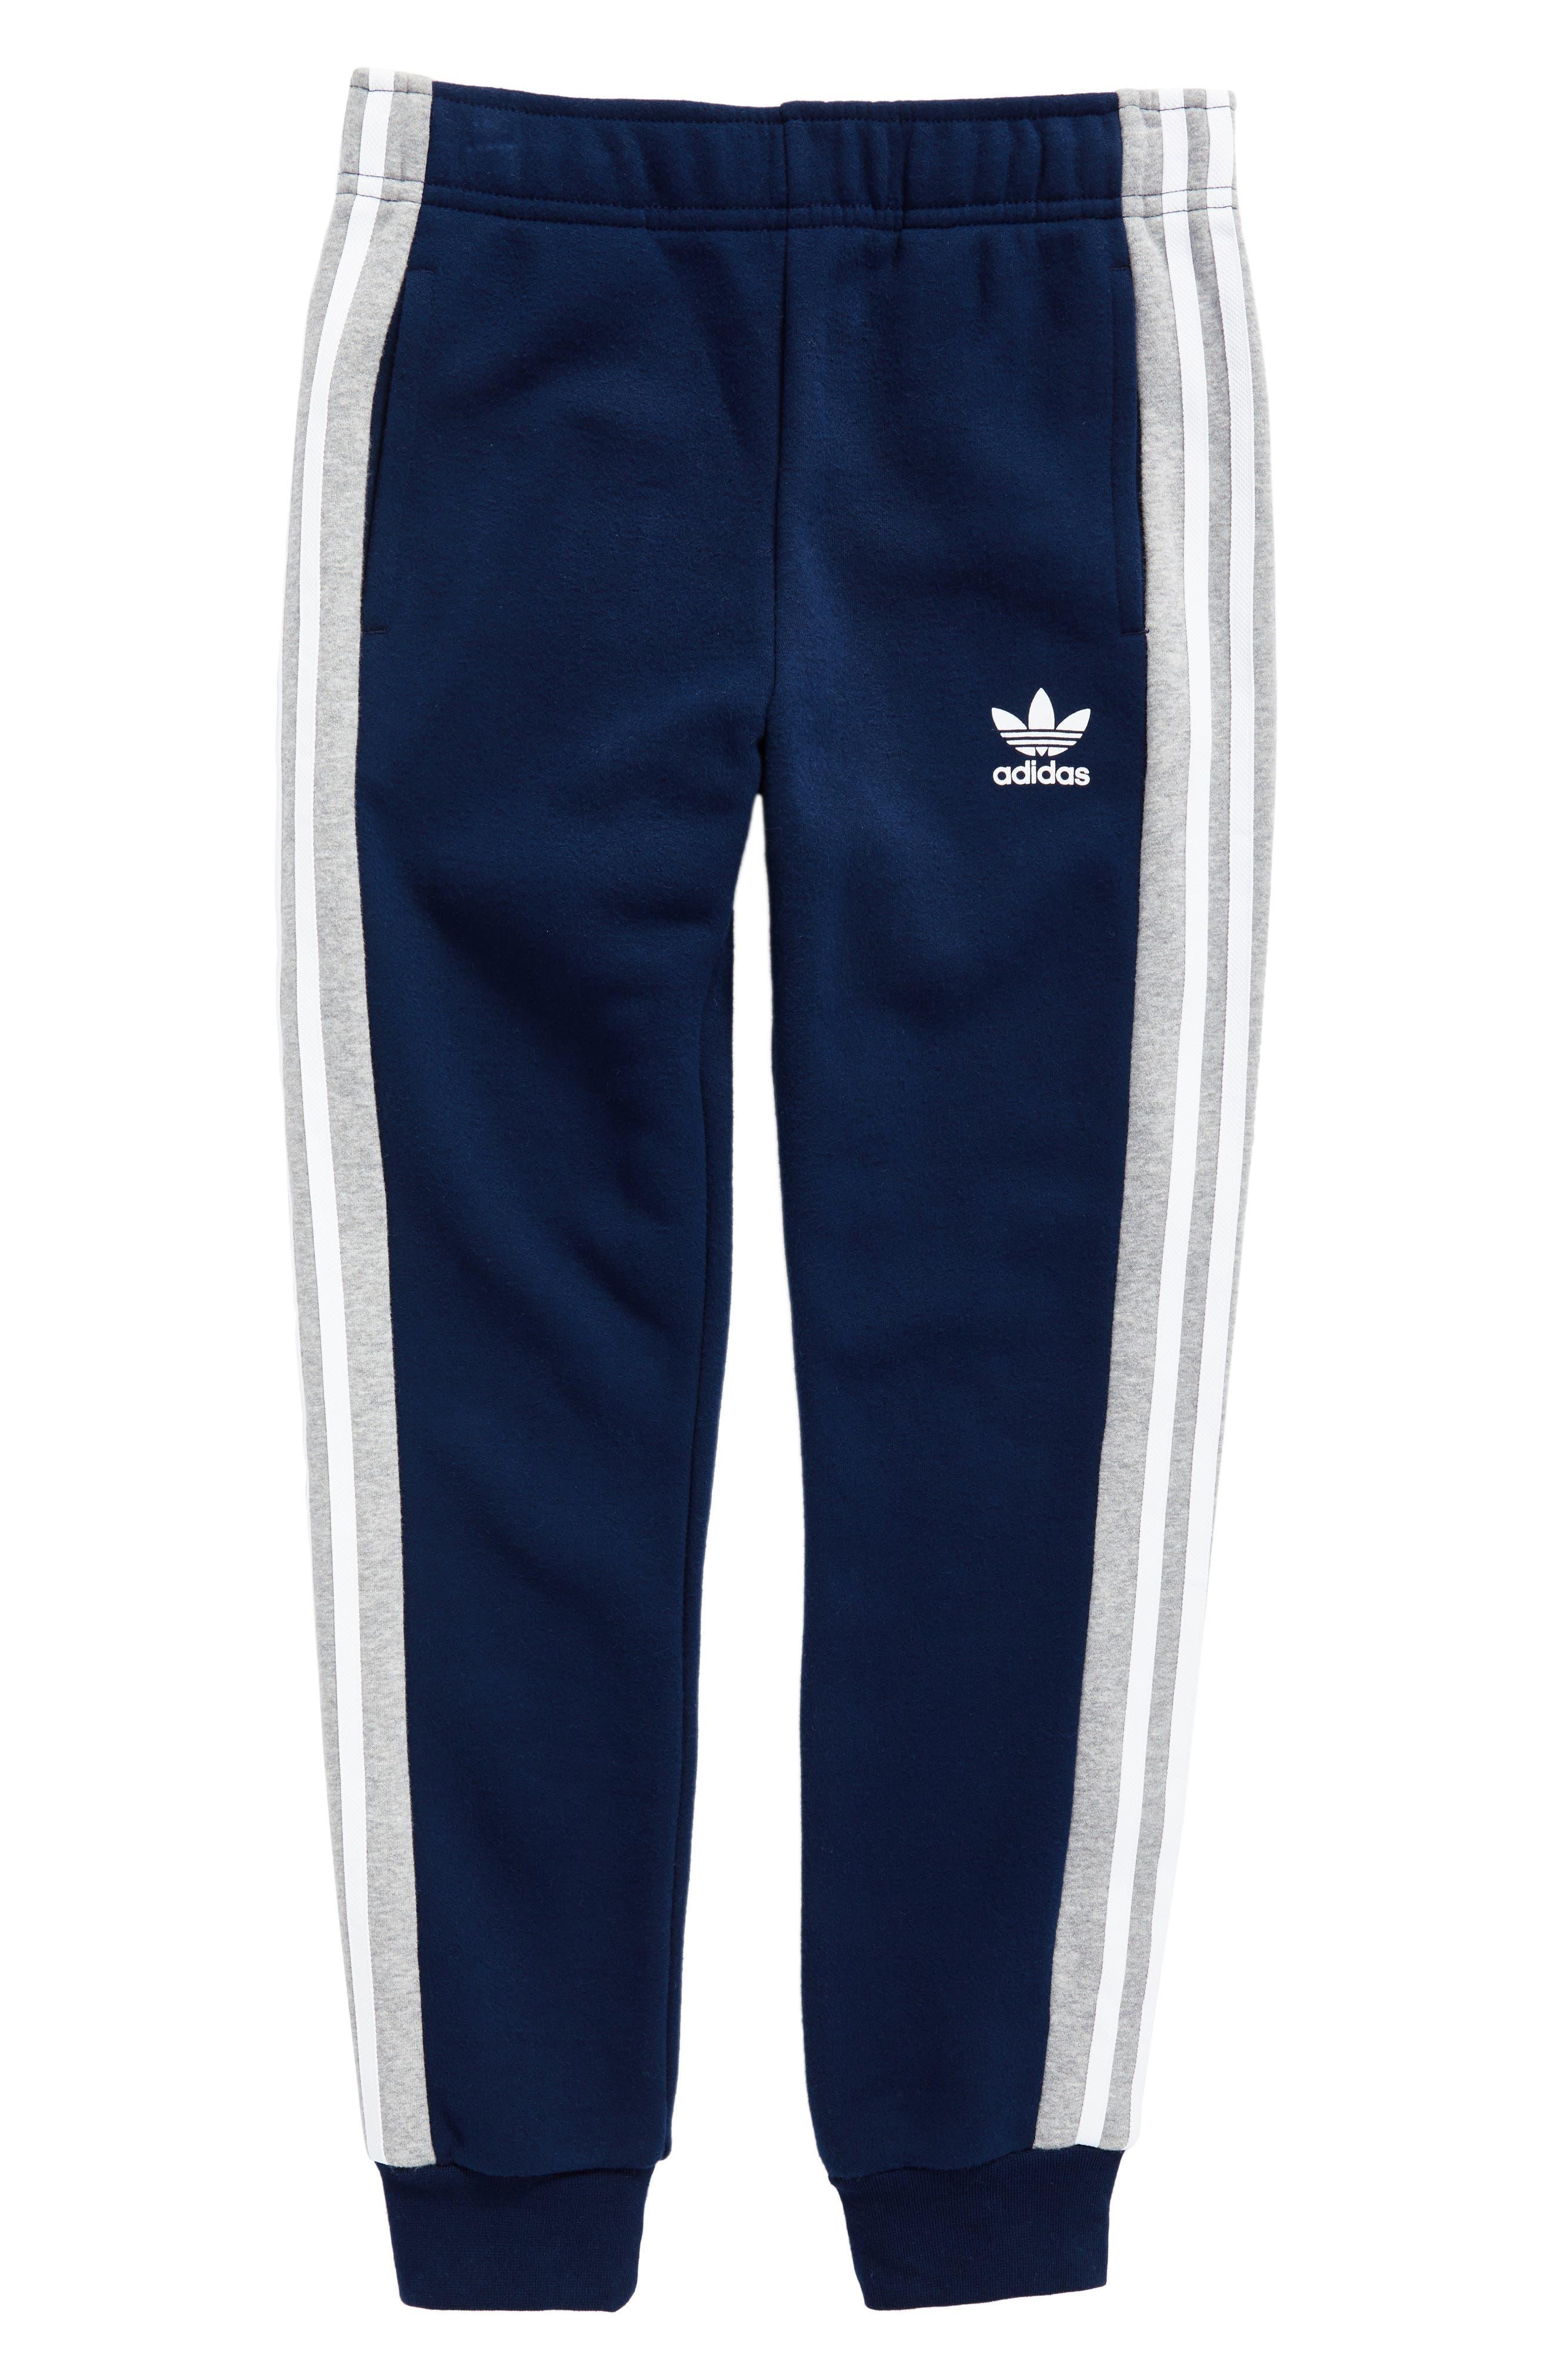 adidas FL Jogger Pants,                             Main thumbnail 1, color,                             415